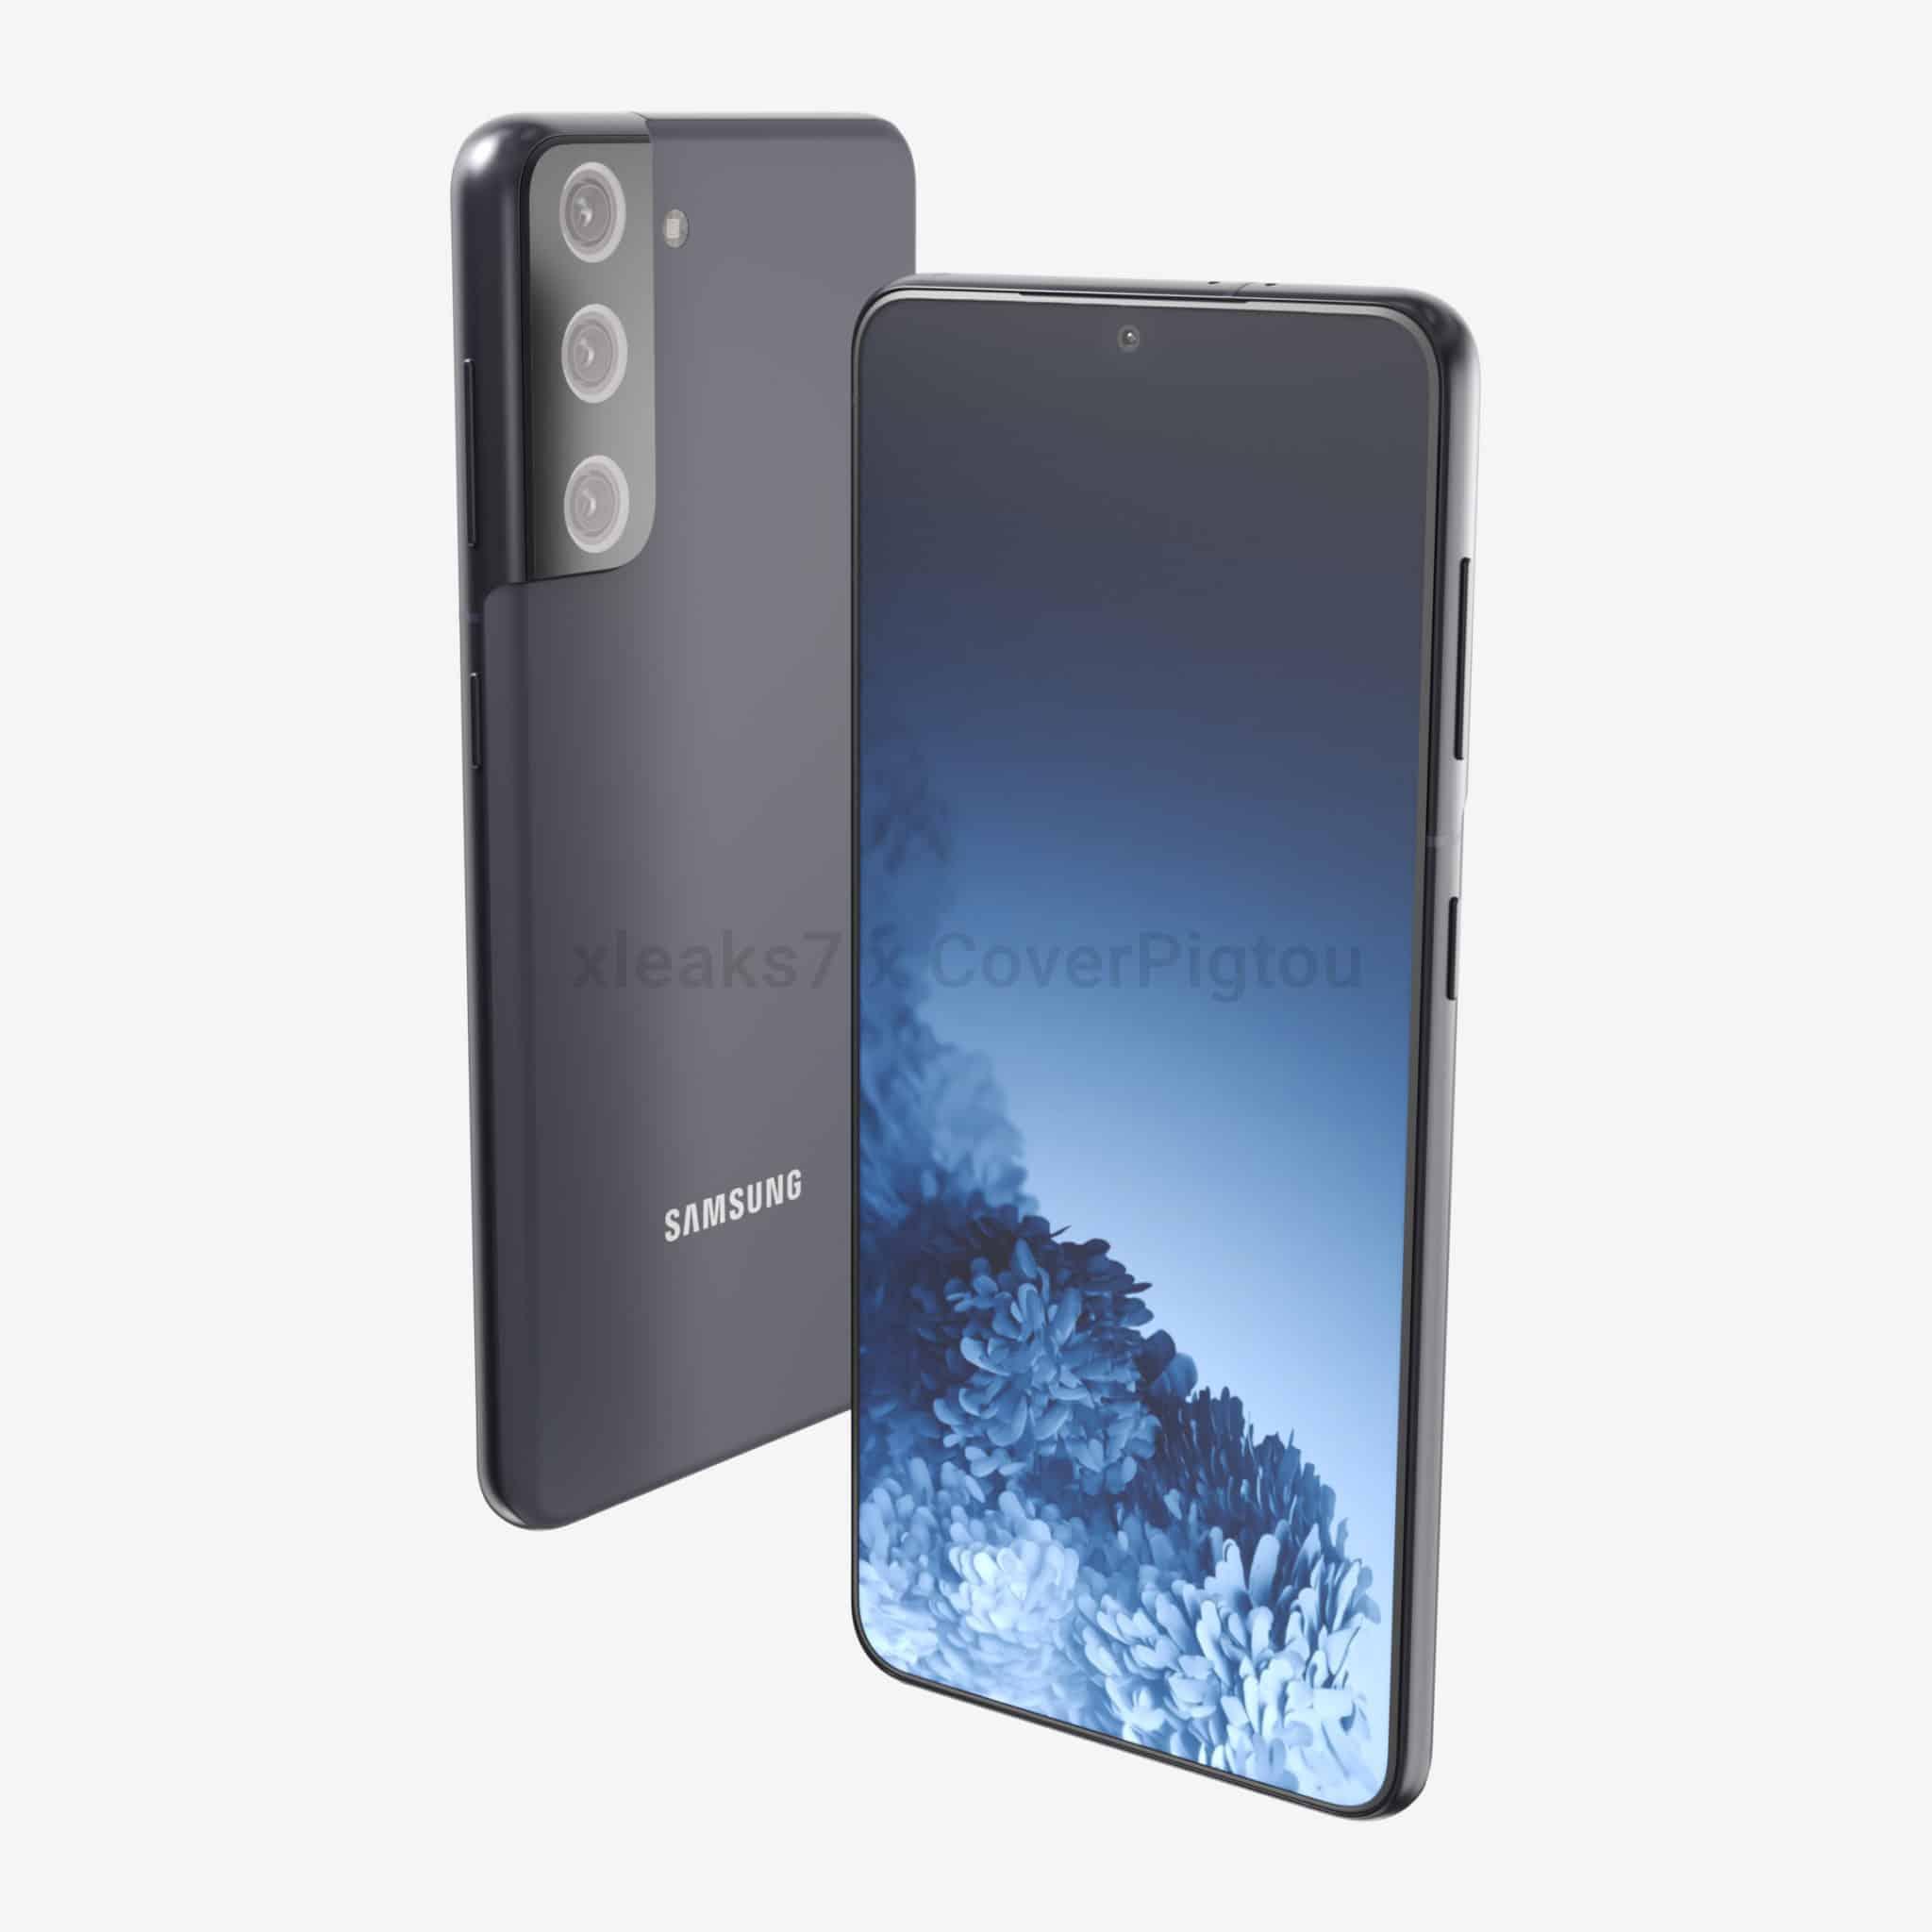 Samsung Galaxy S21 render